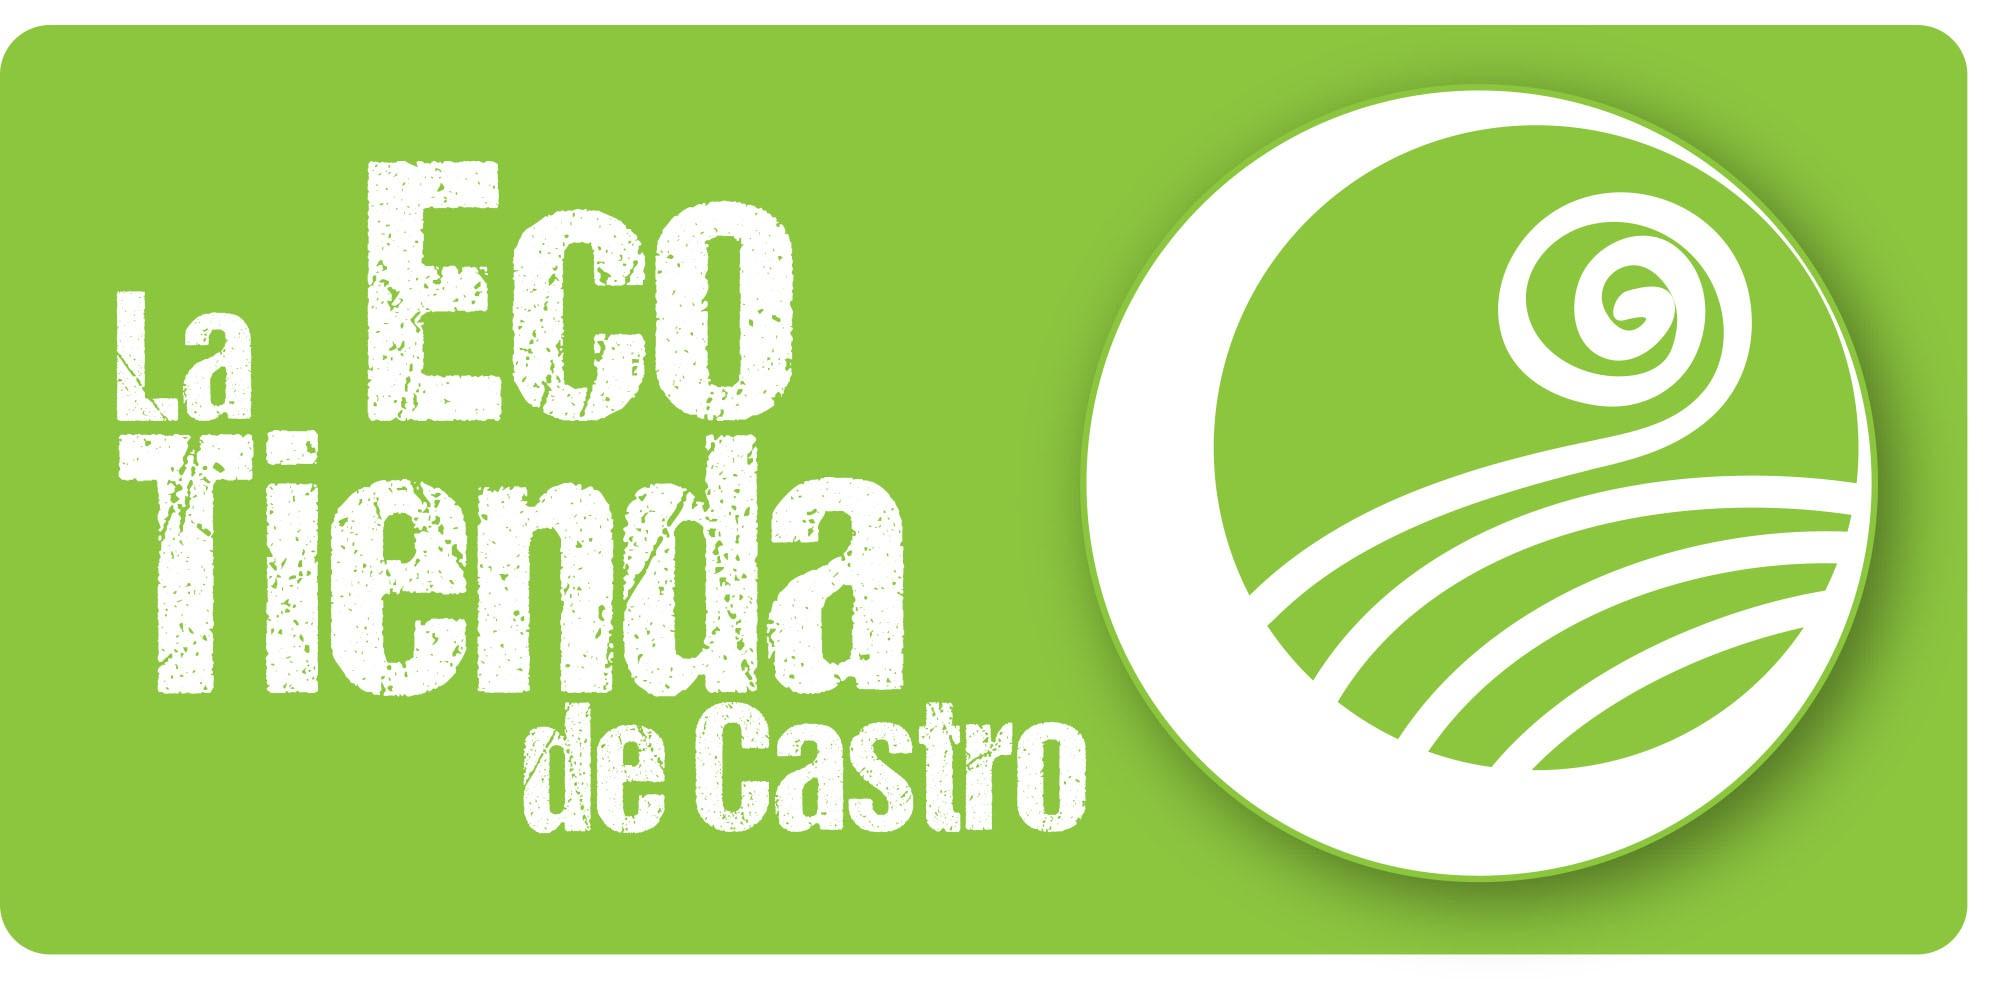 La EcoTienda de Castro